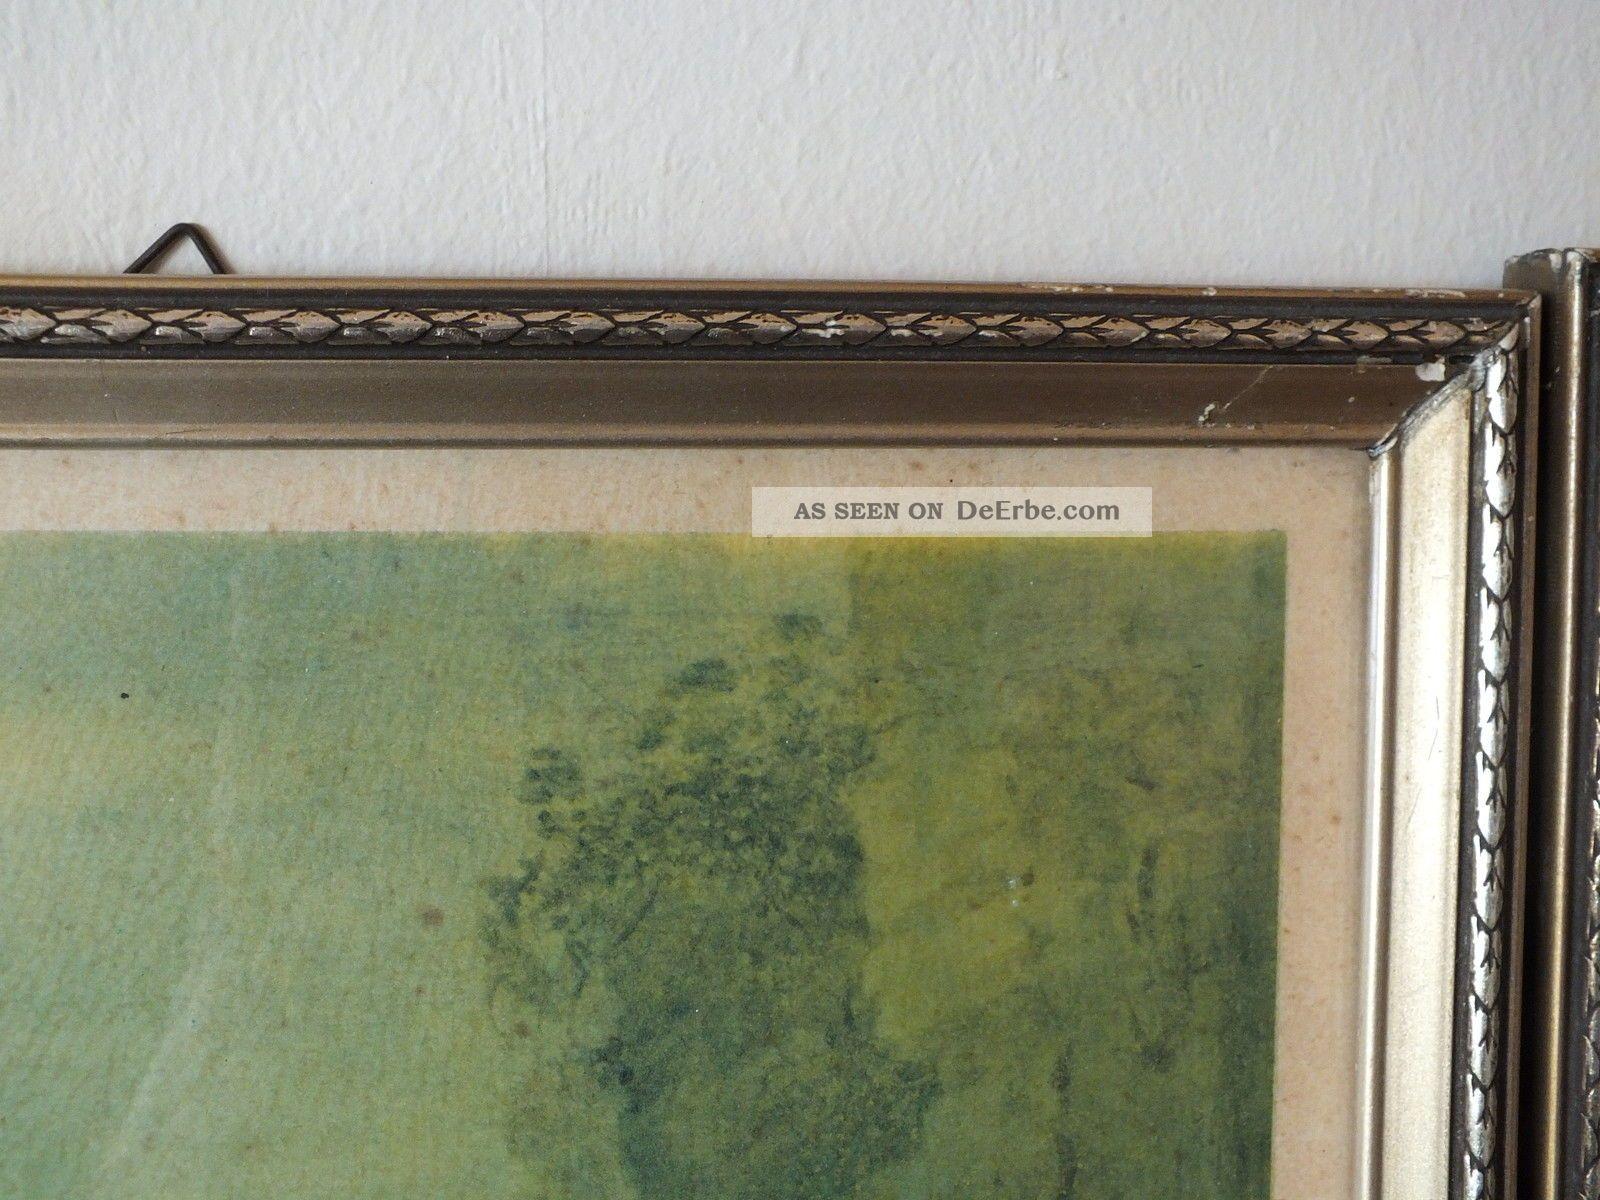 2 wundersch ne alte bilderrahmen stuck mit alten drucken um 1930 o lter. Black Bedroom Furniture Sets. Home Design Ideas